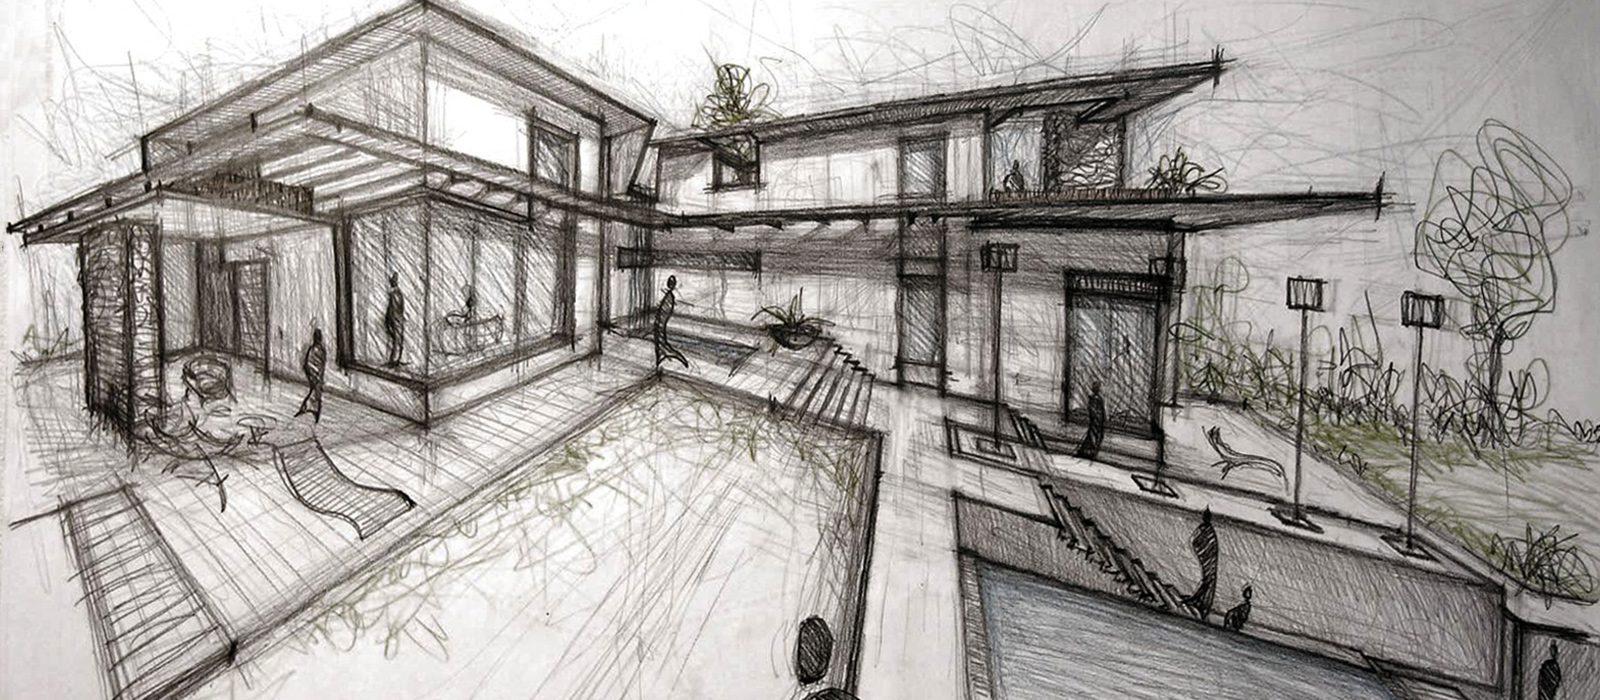 03_progetto_residenziale_giuseppe_passaro_architetto_cavola_disegno_preparatorio